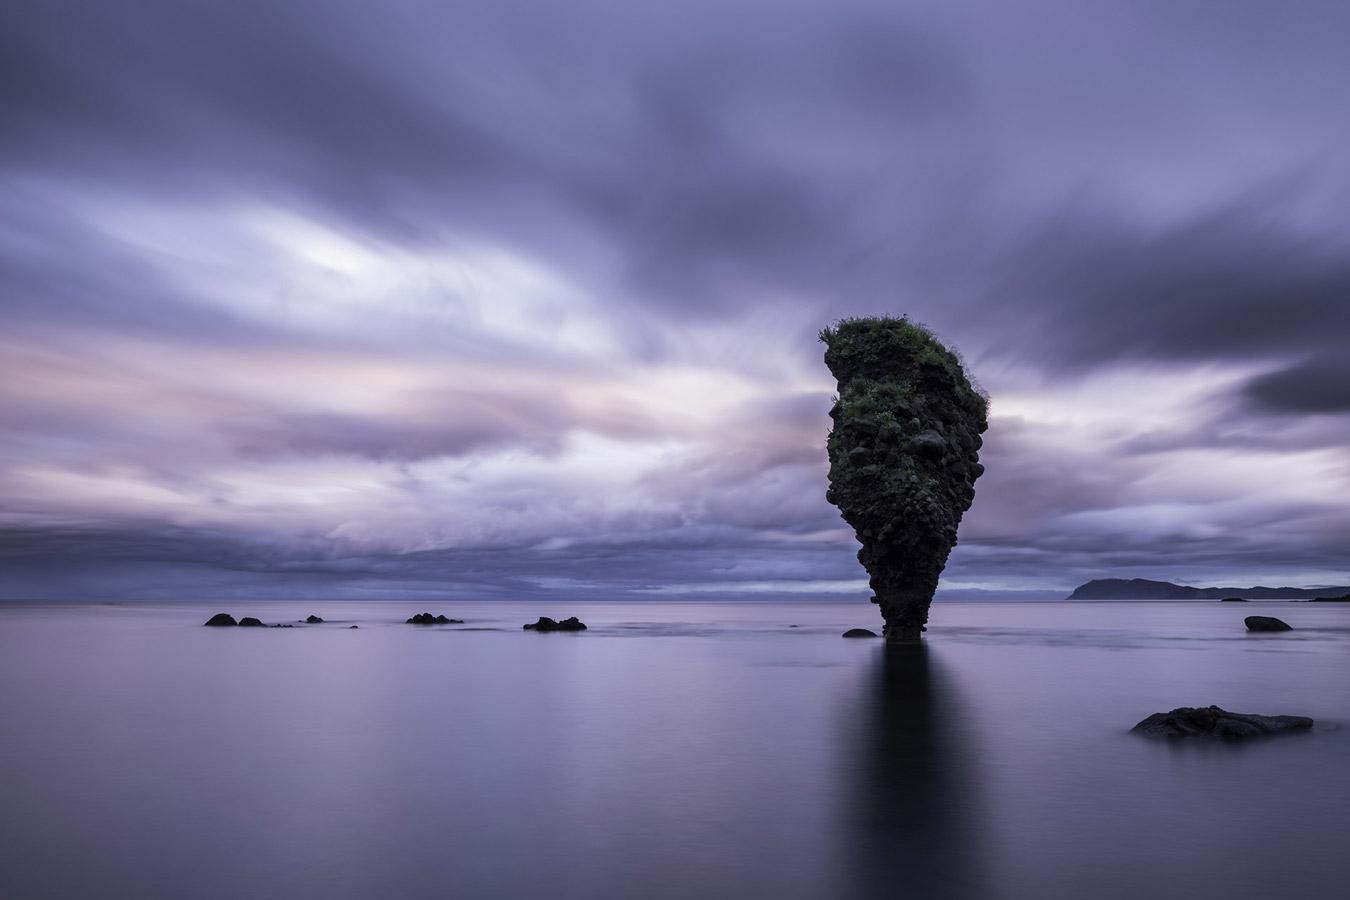 Хироши Танита / Hiroshi Tanita, Саппоро, Япония, Почётная оценка в категории «Пейзаж», Фотоконкурс «Лучшая природная фотография Азии» — Nature's Best Photography Asia